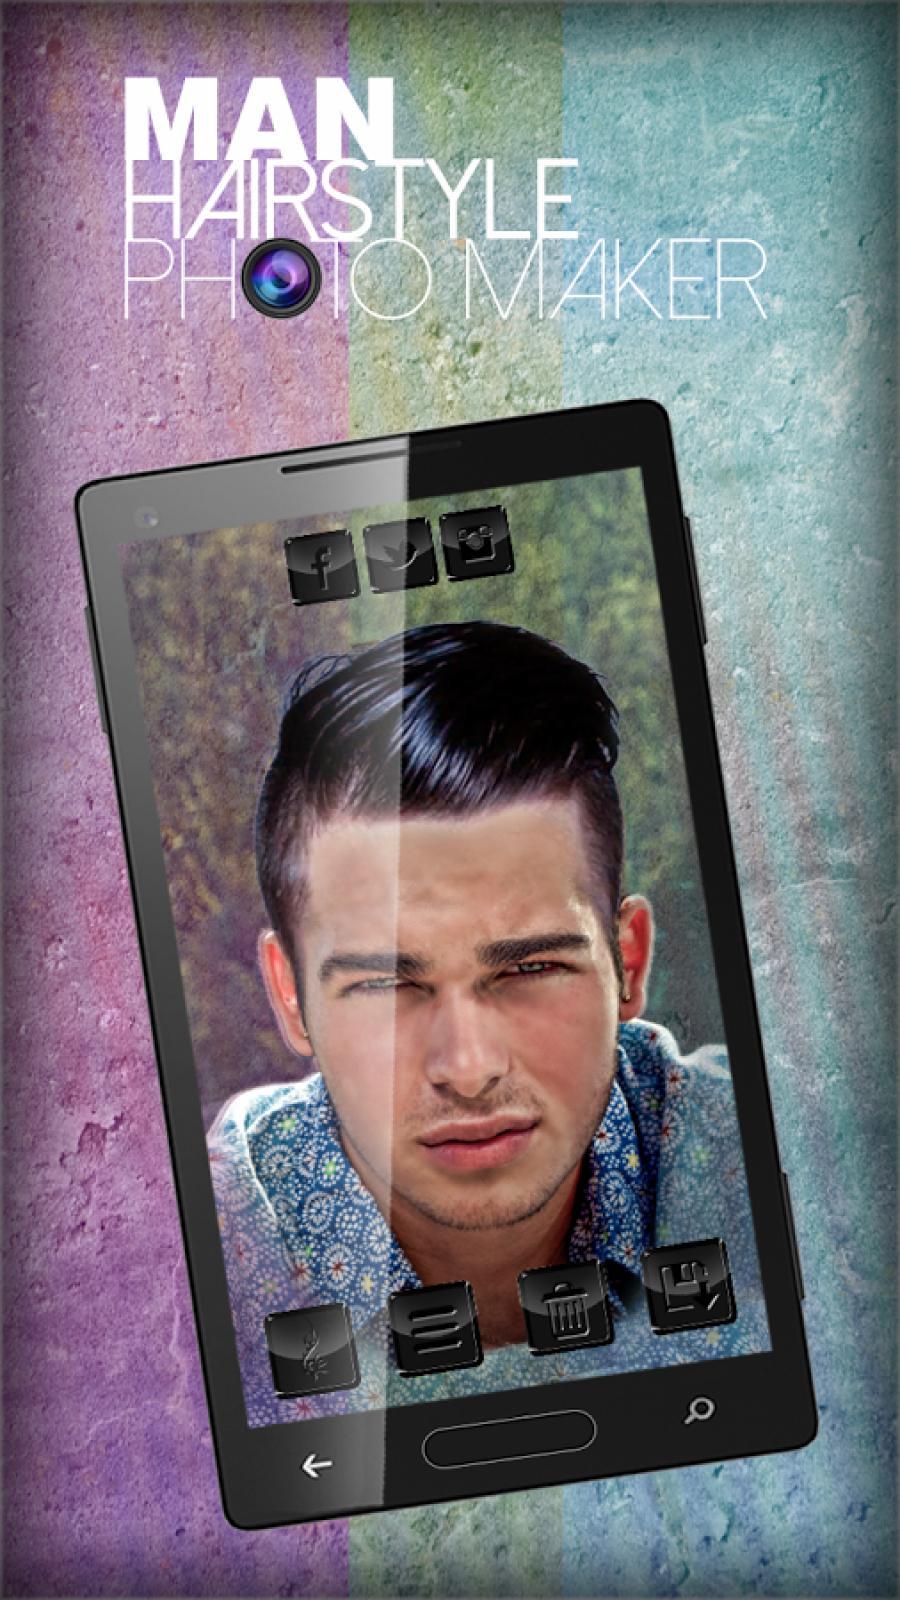 Прически книга на андроид